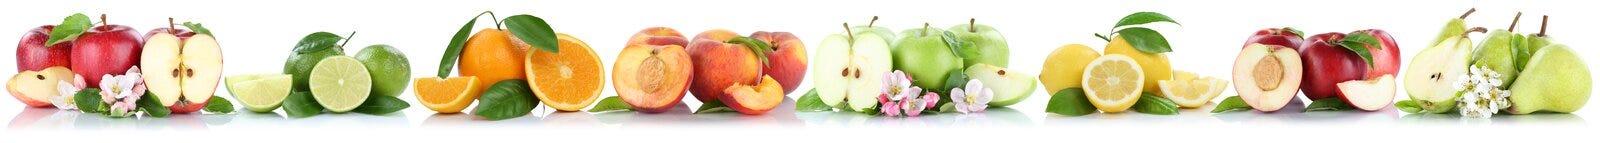 Πορτοκαλιά φρούτα πορτοκαλιών μήλων νεκταρινιών λεμονιών μήλων φρούτων σε ένα ro Στοκ εικόνες με δικαίωμα ελεύθερης χρήσης